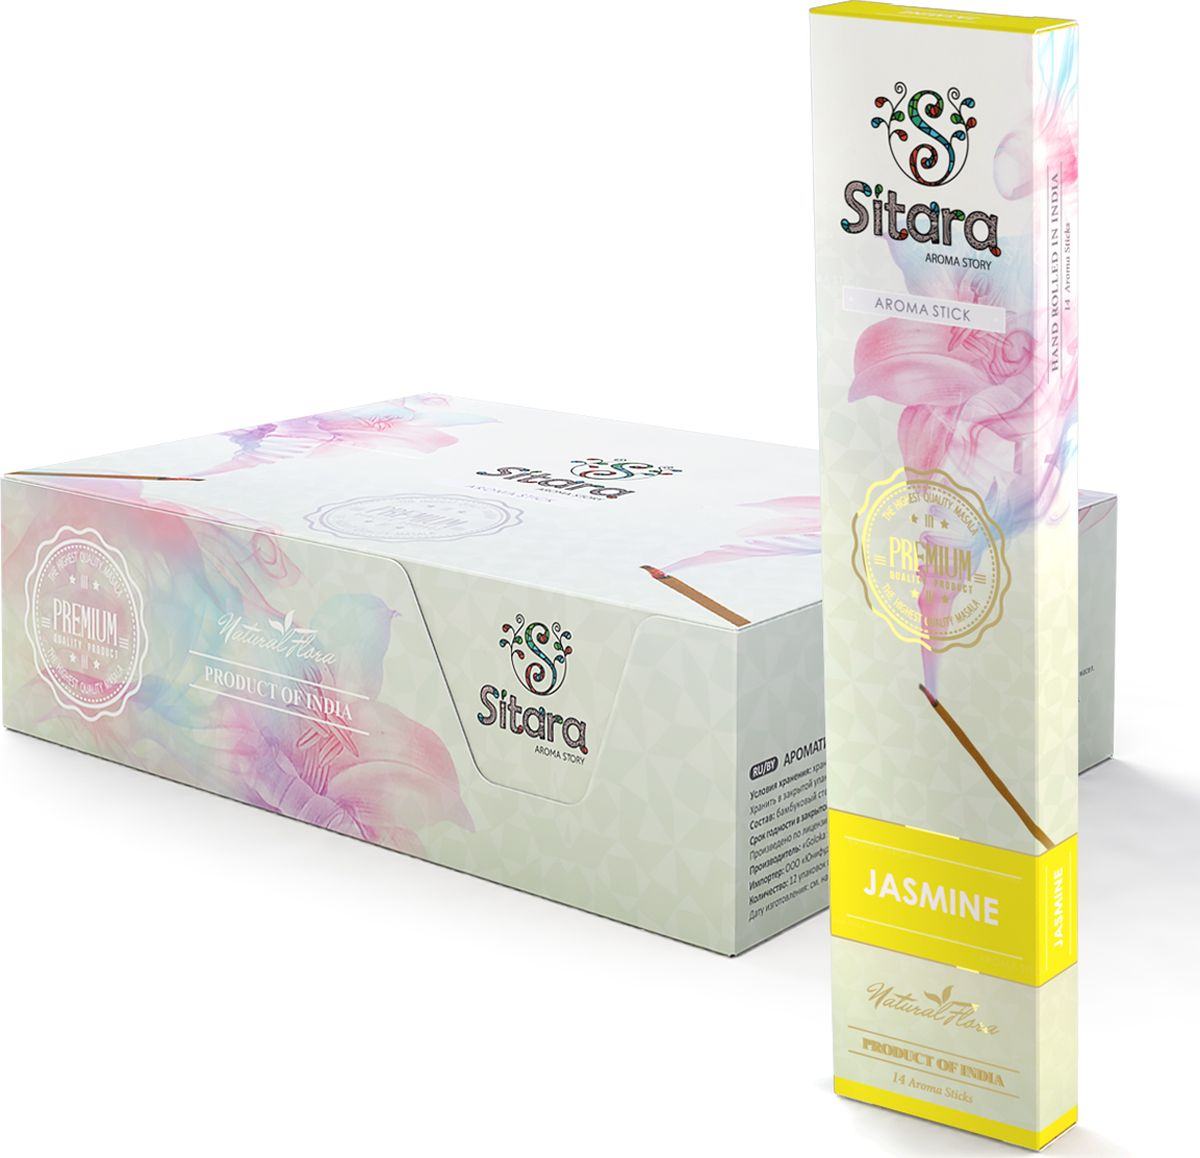 Ароматические палочки Sitara Premium Jasmine, 14 палочек10320Обзор:Изысканный и нежный аромат жасмина снимает головную боль, повышает жизненный тонус и является отличным антидепрессантом. Способ применения:Поджечь сторону, противоположную бамбуковому основанию. Через несколько секунд после возгорания задуть пламя. Поставить ароматическую палочку в подставку, соблюдая необходимые меры пожарной безопасности.Состав:Бамбуковый стержень (Bamboo rod), натуральный мед (Honey), смола и пудра сандалового дерева (Resin and sandalwood powder), натуральная эссенция эфирных масел (Essential oils)С осторожностью: Людям страдающими заболеваниями дыхательных путей, аллергическими реакциями, при беременности.В блоке 12 пачек.